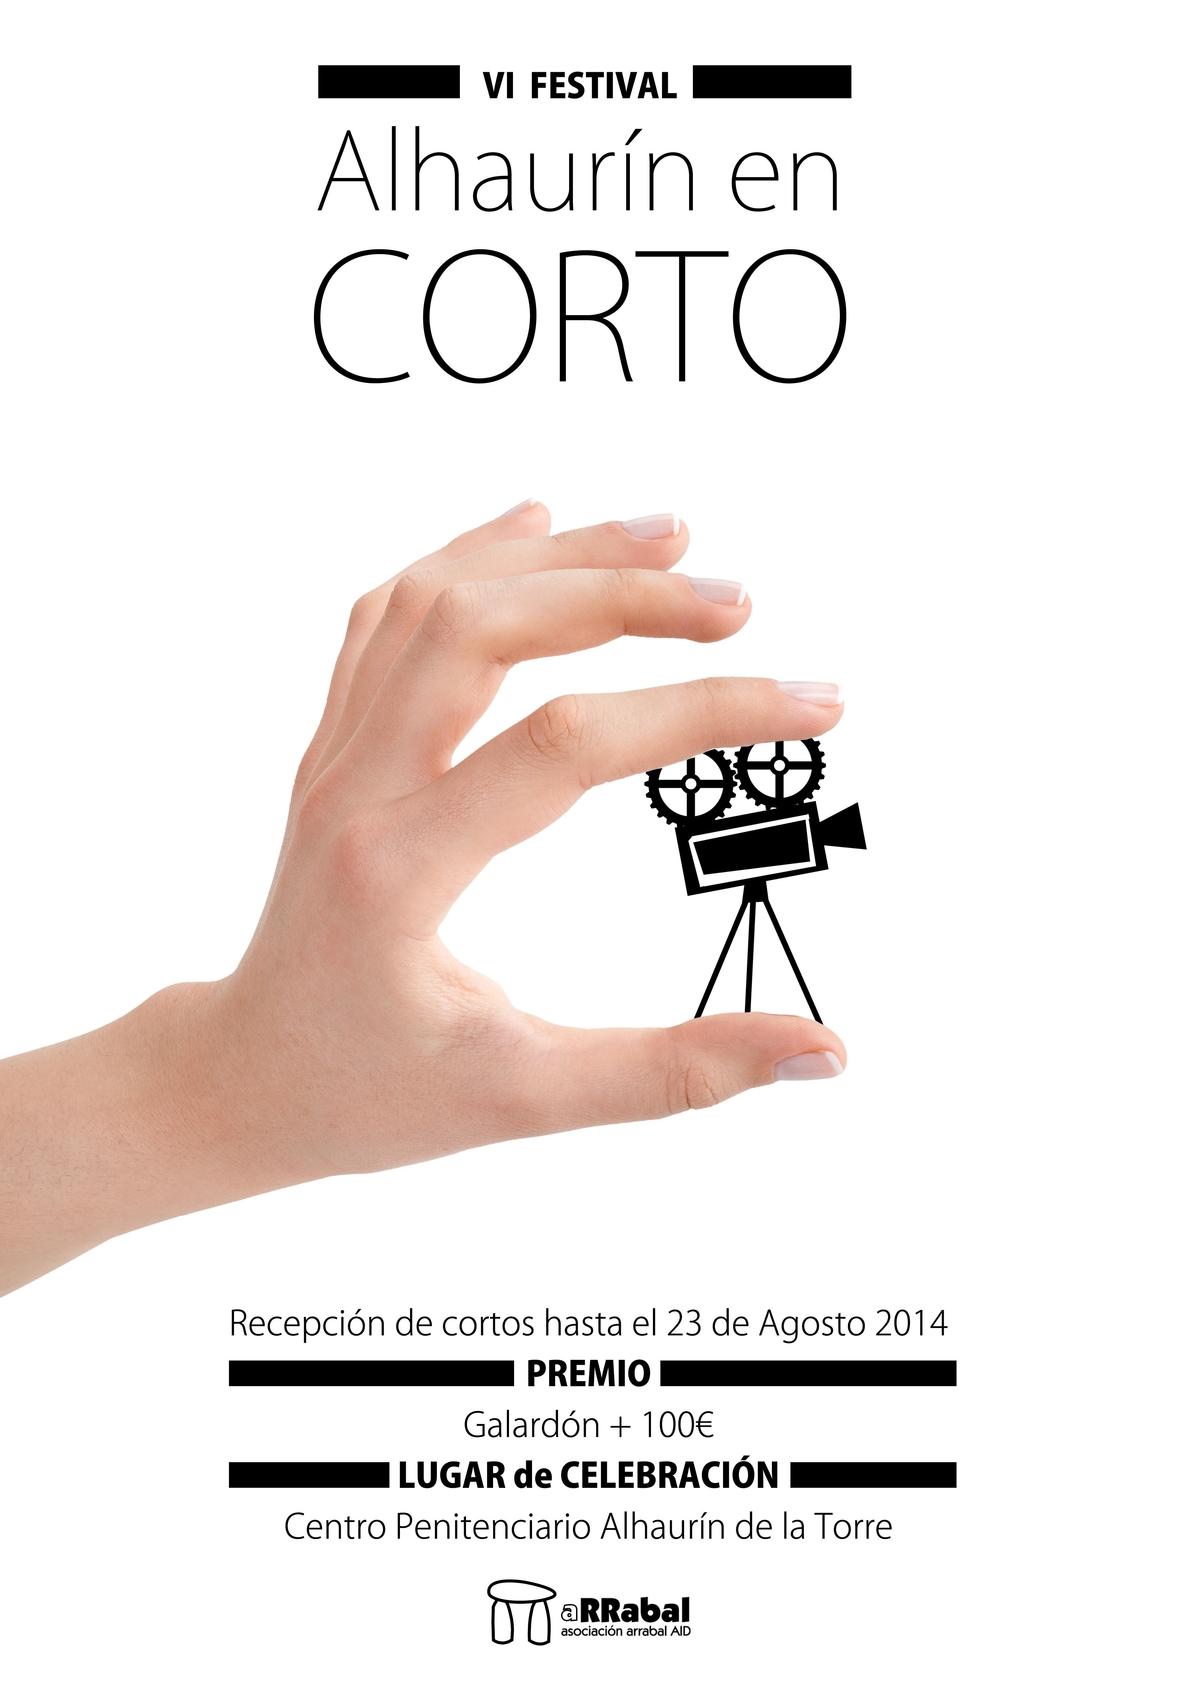 El cine vuelve a entrar en la cárcel provincial con el VI Festival »Alhaurín en Corto»